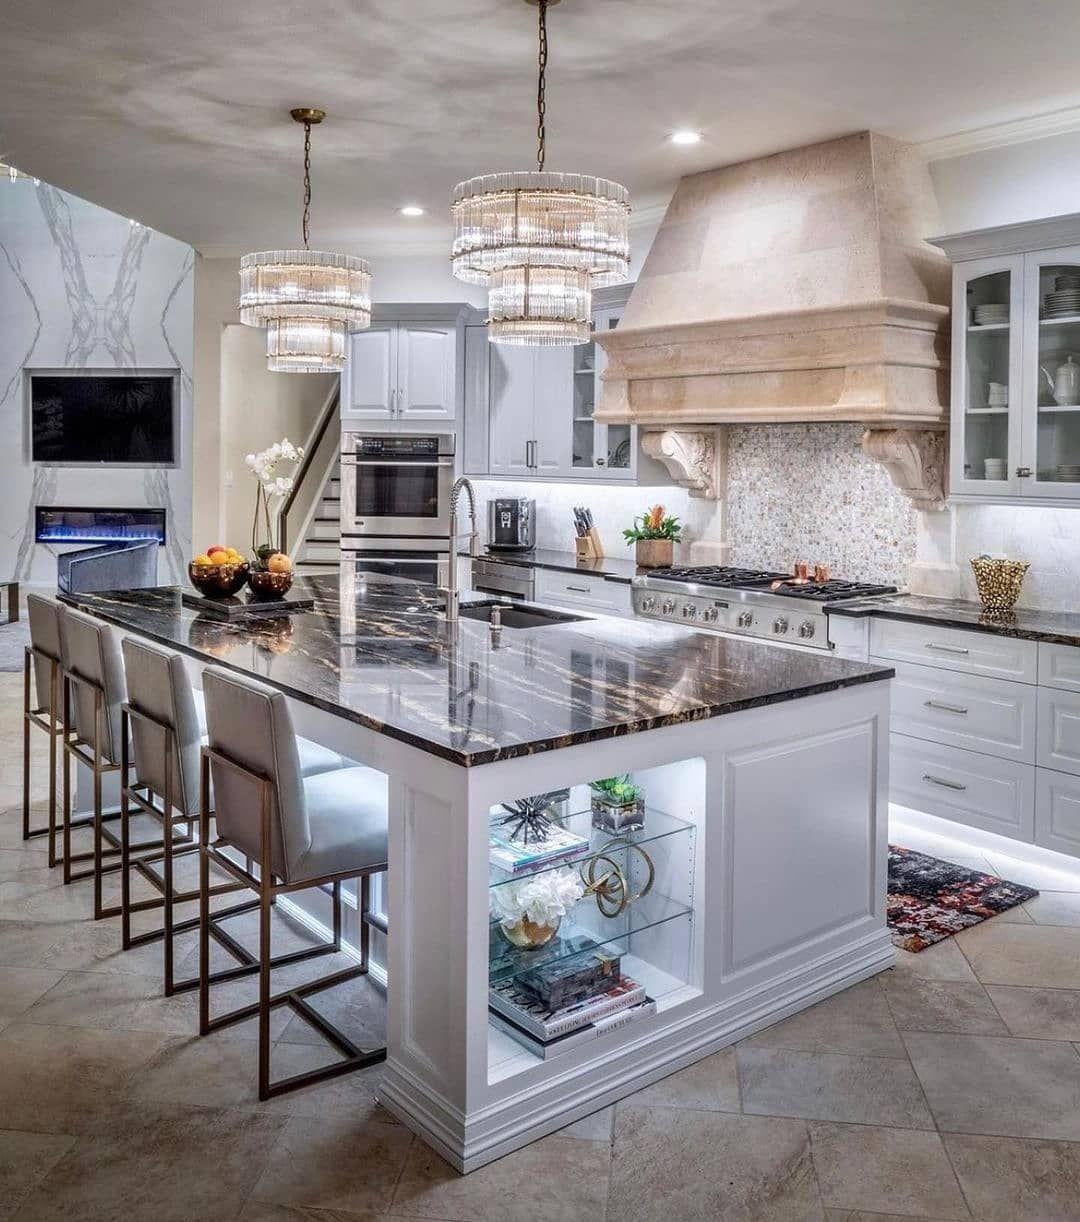 """Home Decor/Interior Design on Instagram: """"The ligh"""